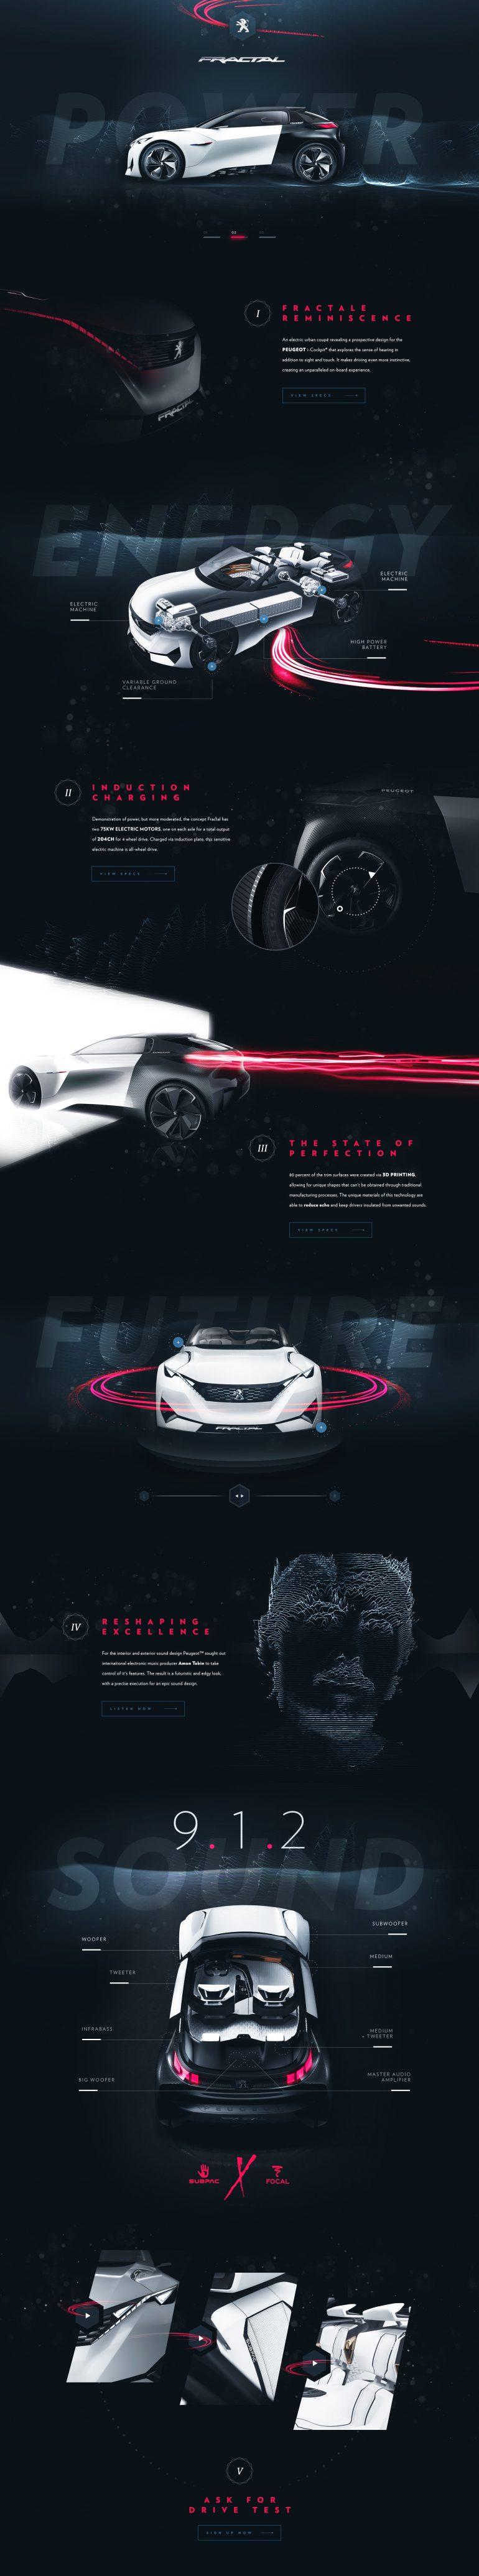 Peugeot™ Fractal – Tribute Website by Steve Fraschini